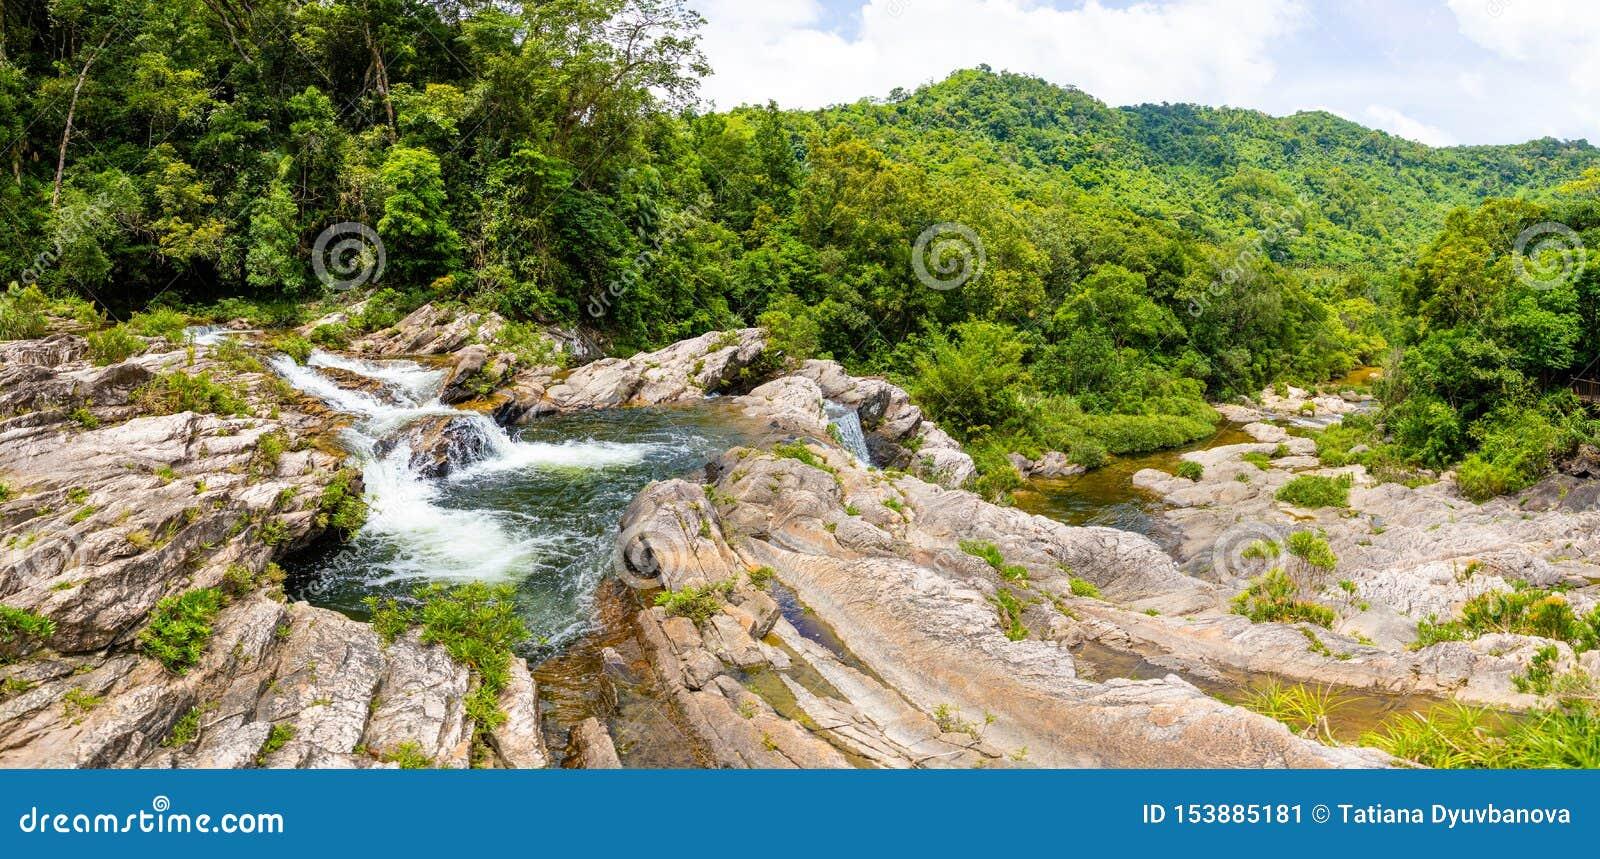 姐妹瀑布风景,南部海南省,中国的本质